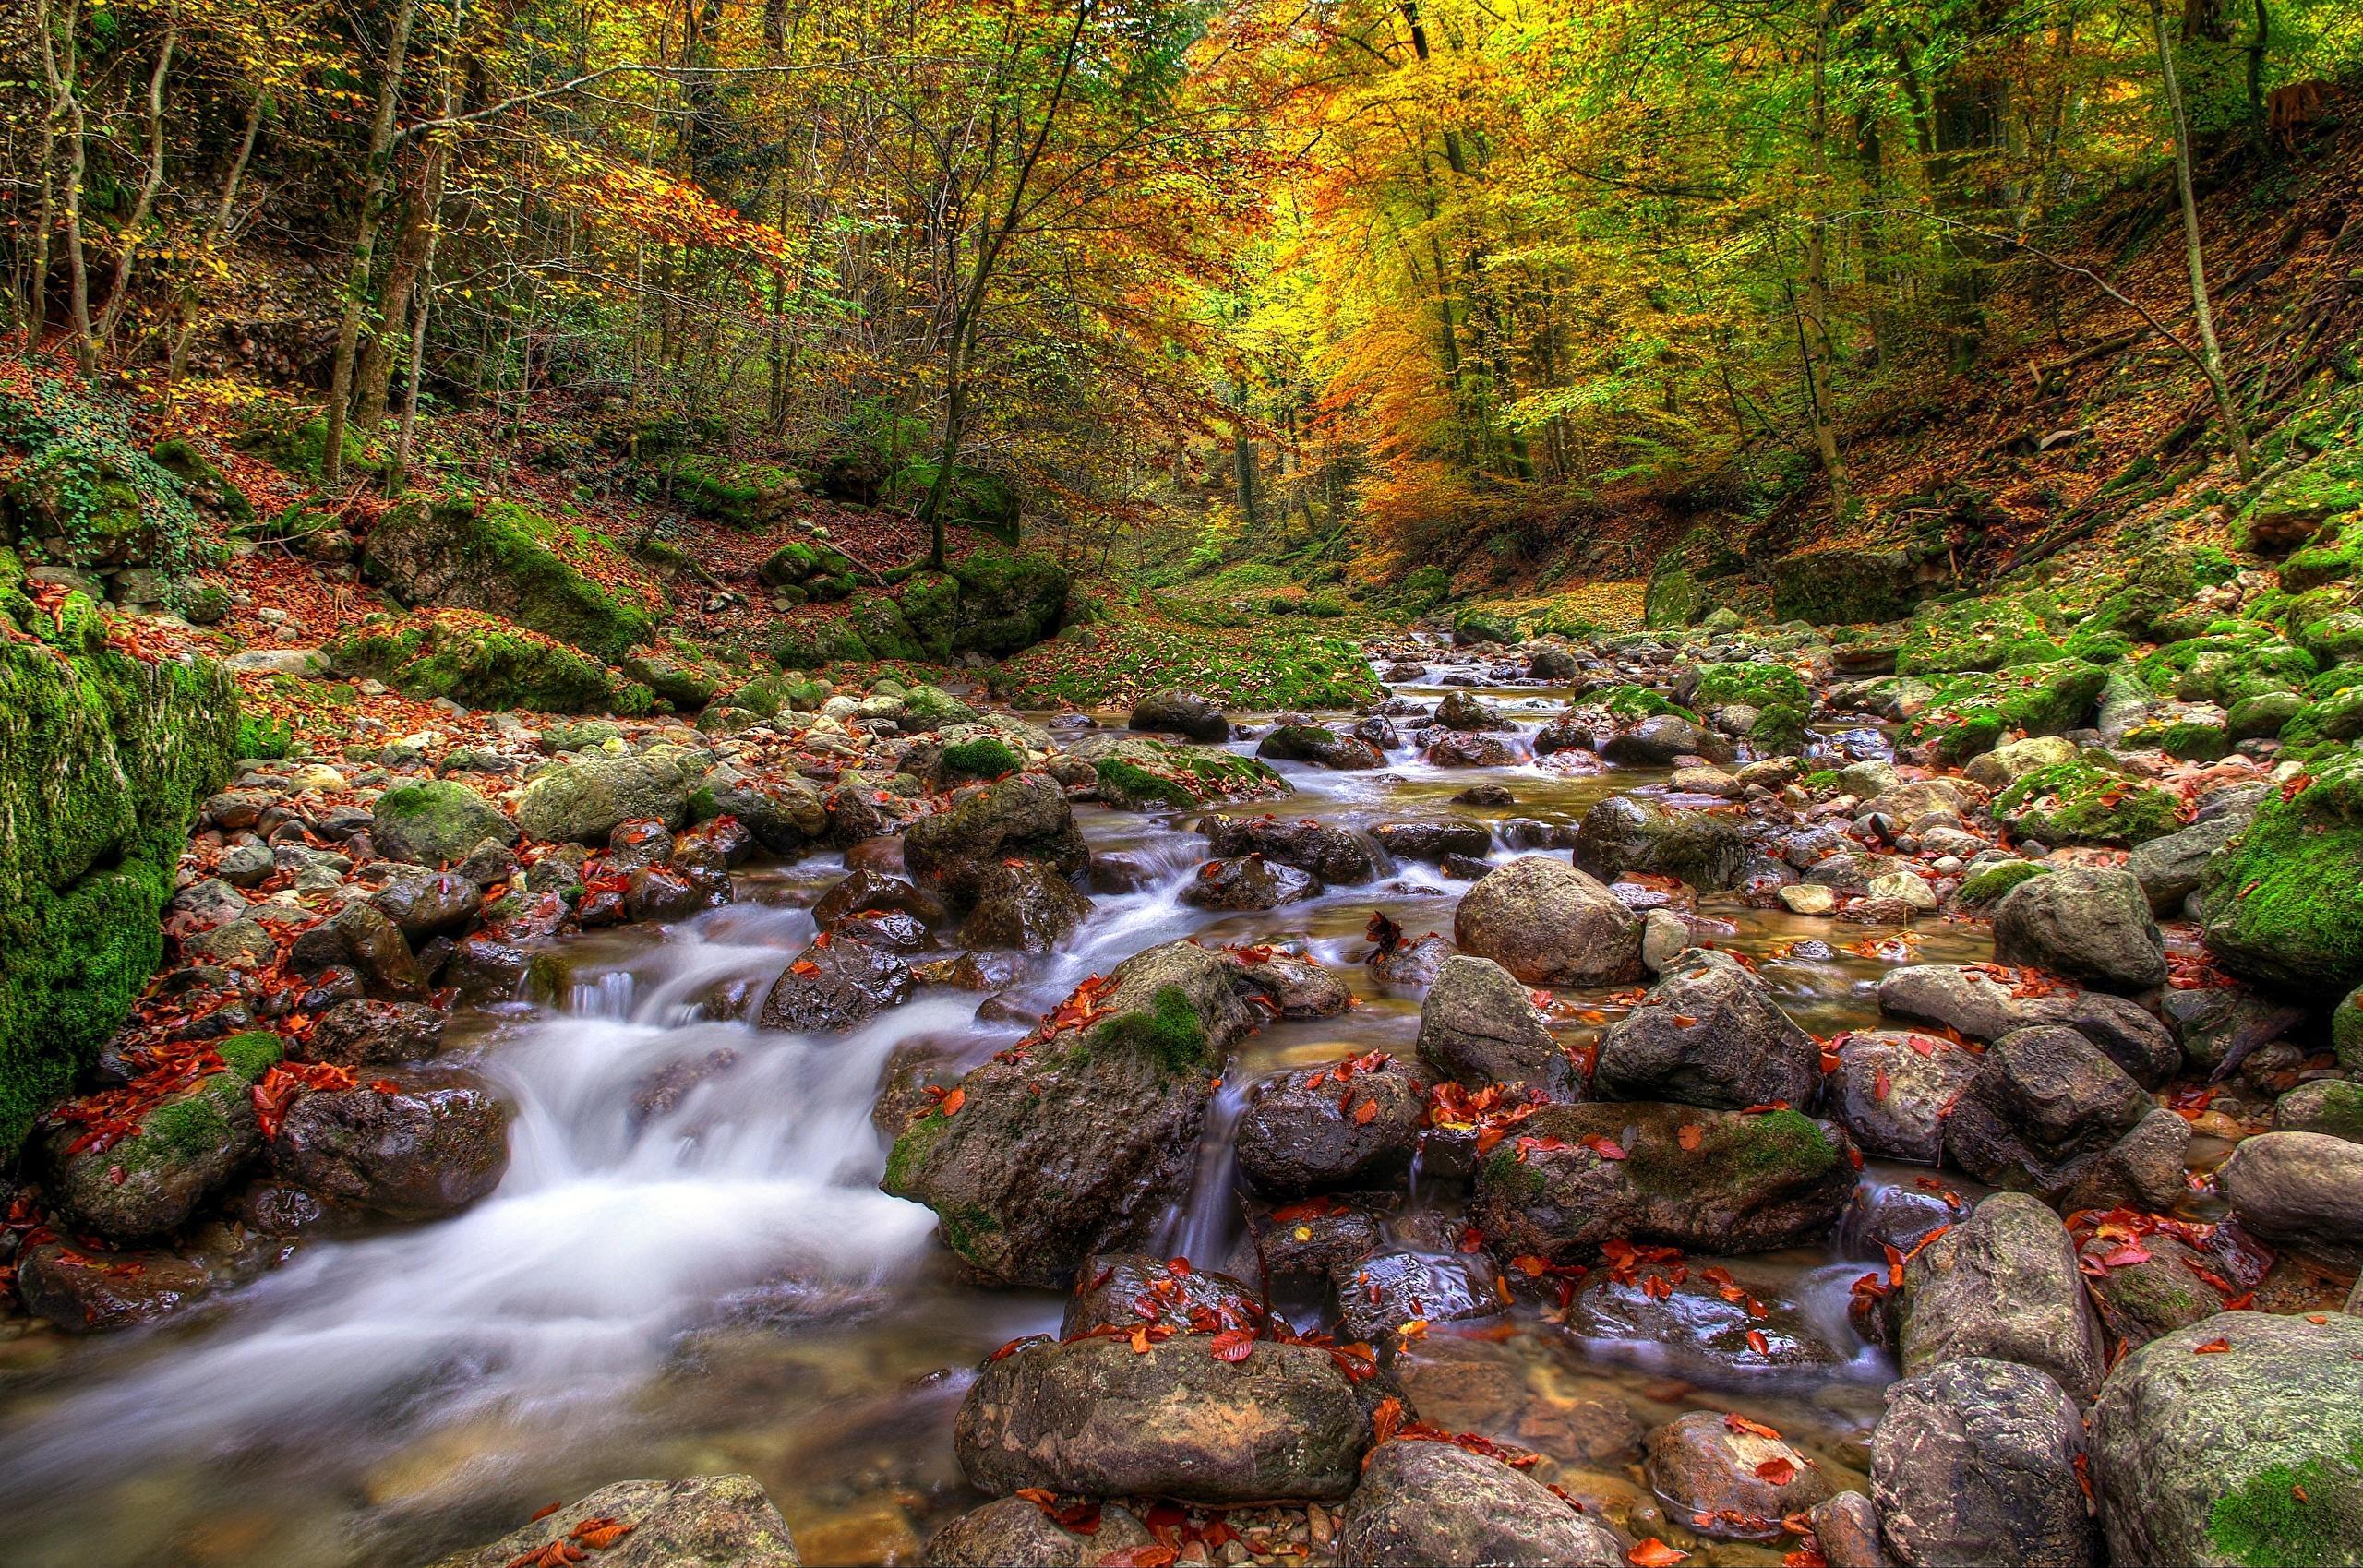 природа водопад деревья листья вода река бесплатно